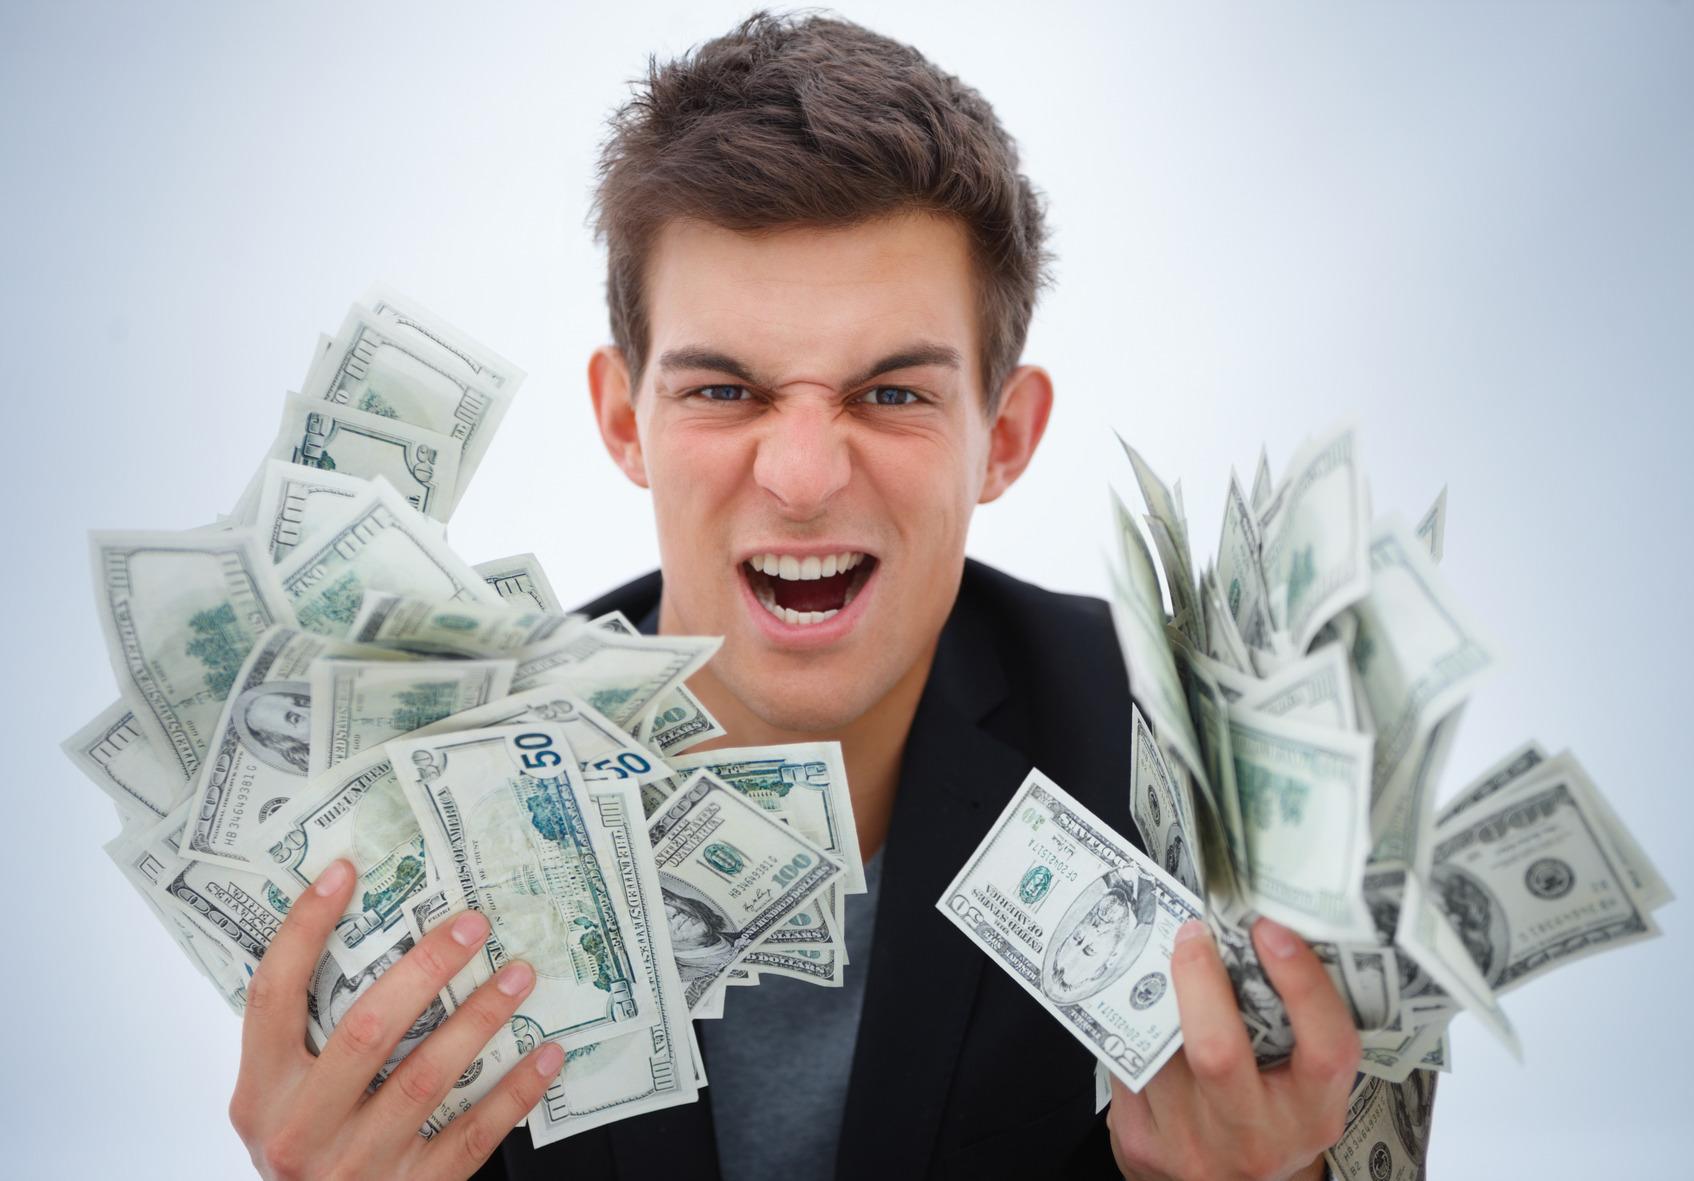 №294 Решим ваши финансовые проблемы быстро, качественно, недорого